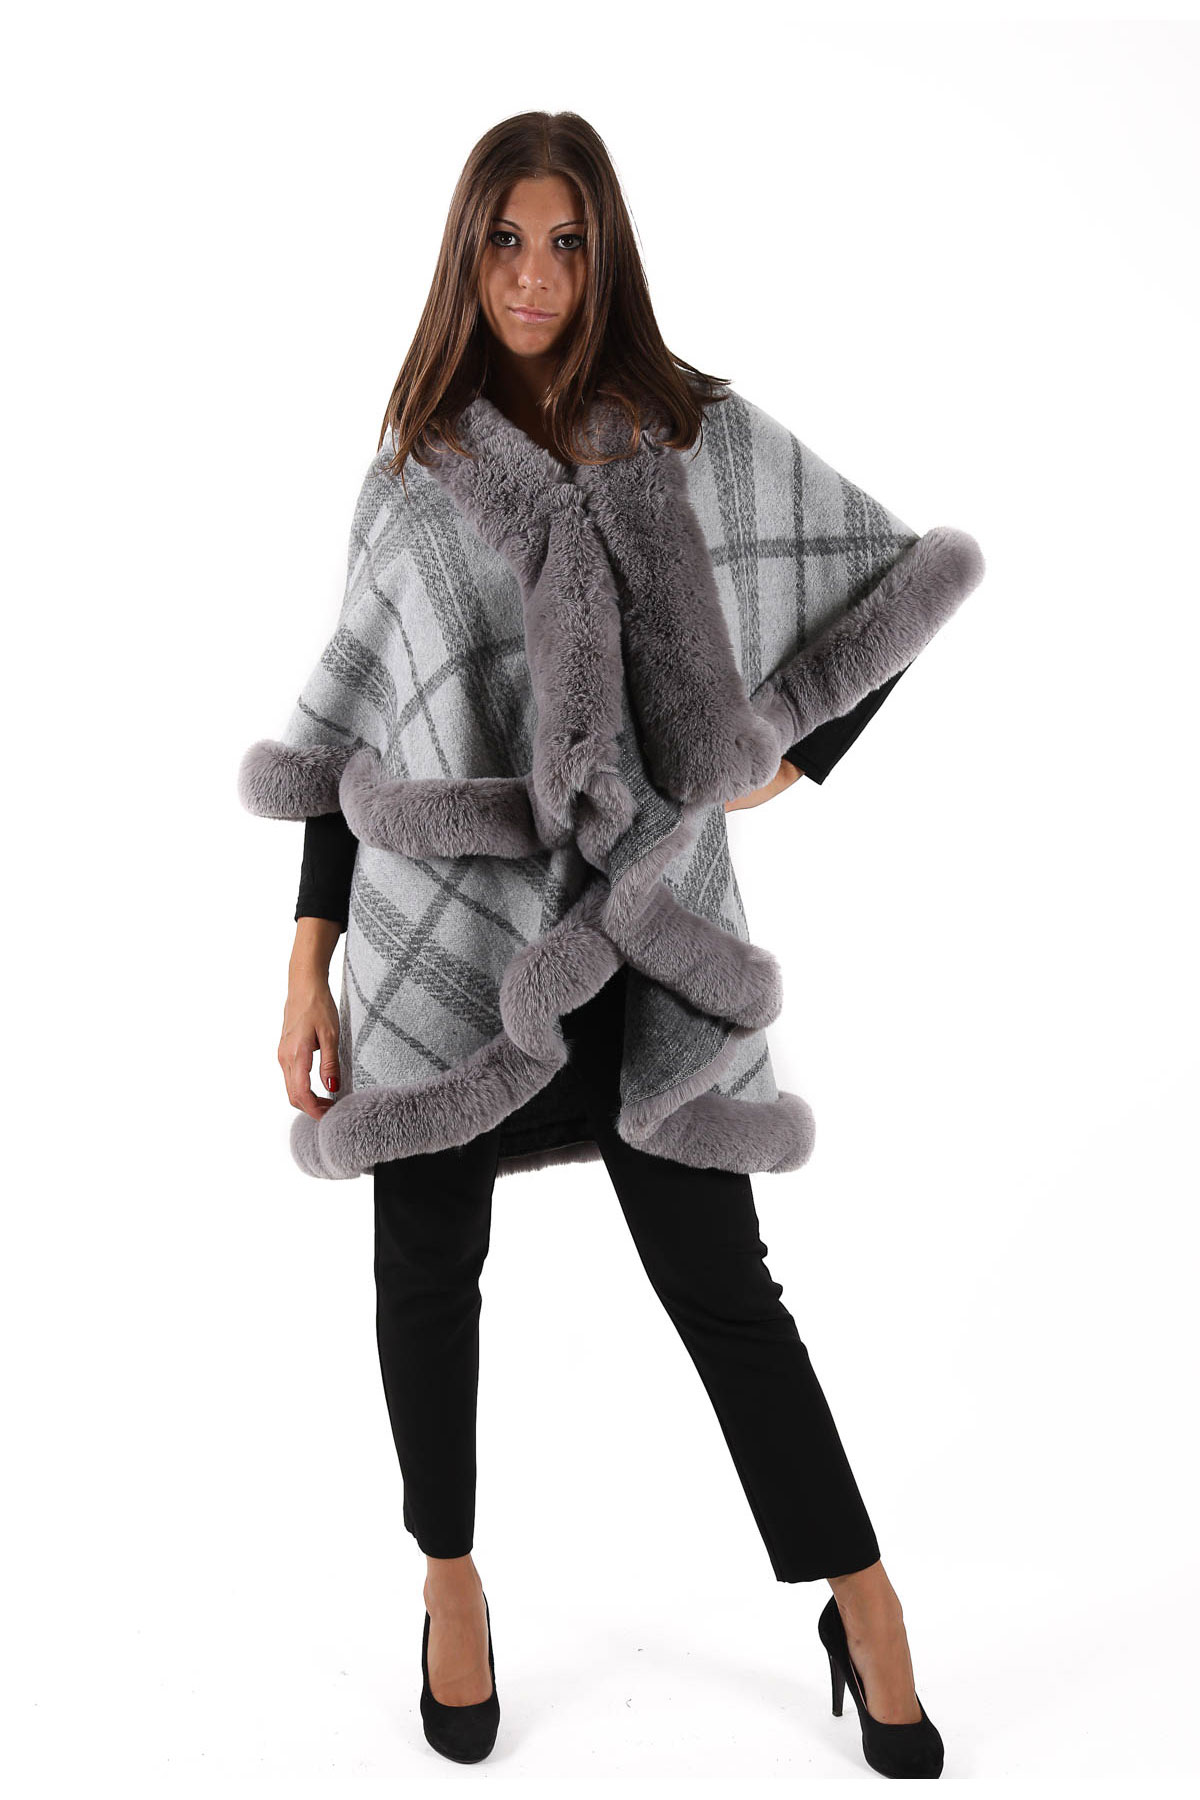 GIACCA A MANTELLA IN FANTASIA QUADRI CON BORDO IN ECOPELO  for woman - ONLY - Paquito Pronto Moda Shop Online